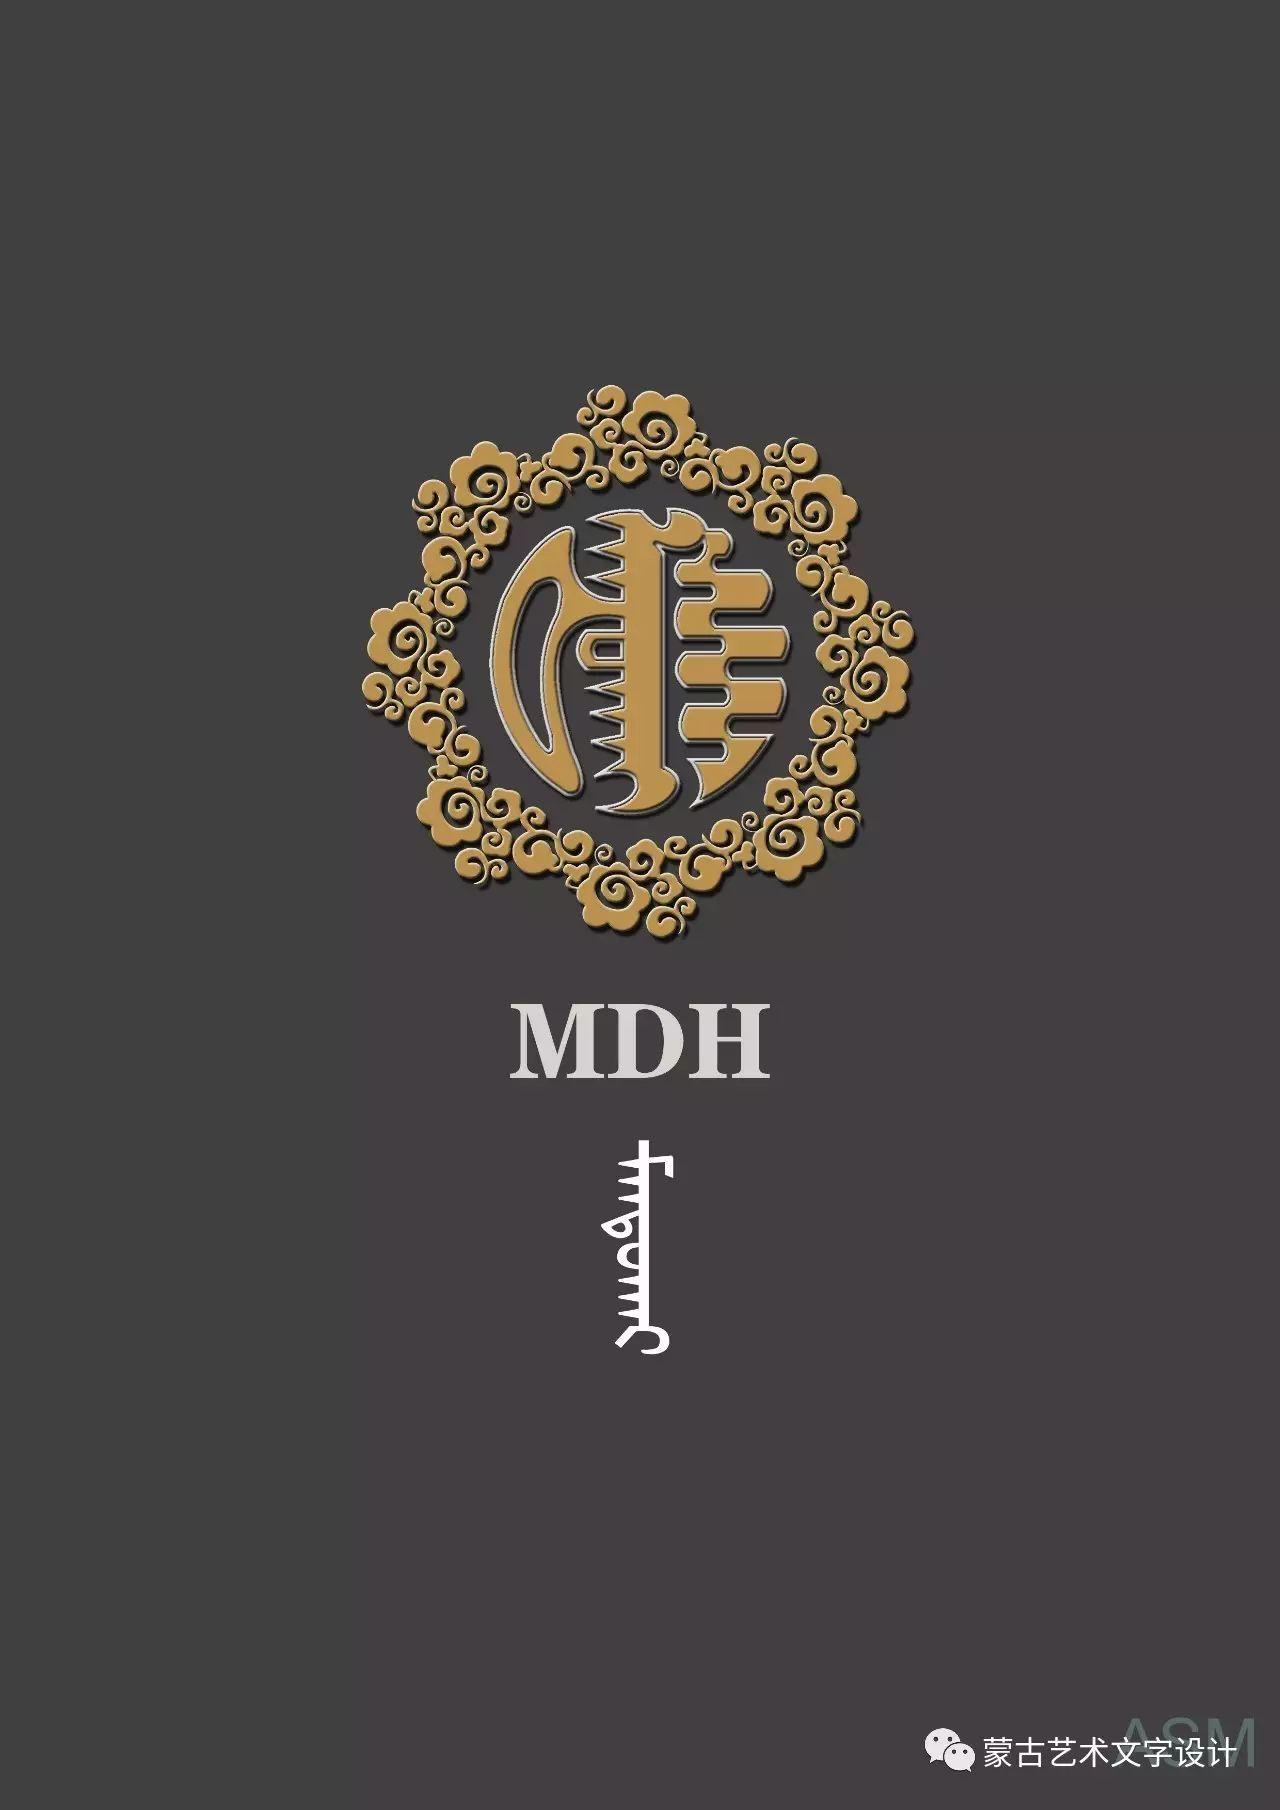 蒙古艺术文字设计 第52张